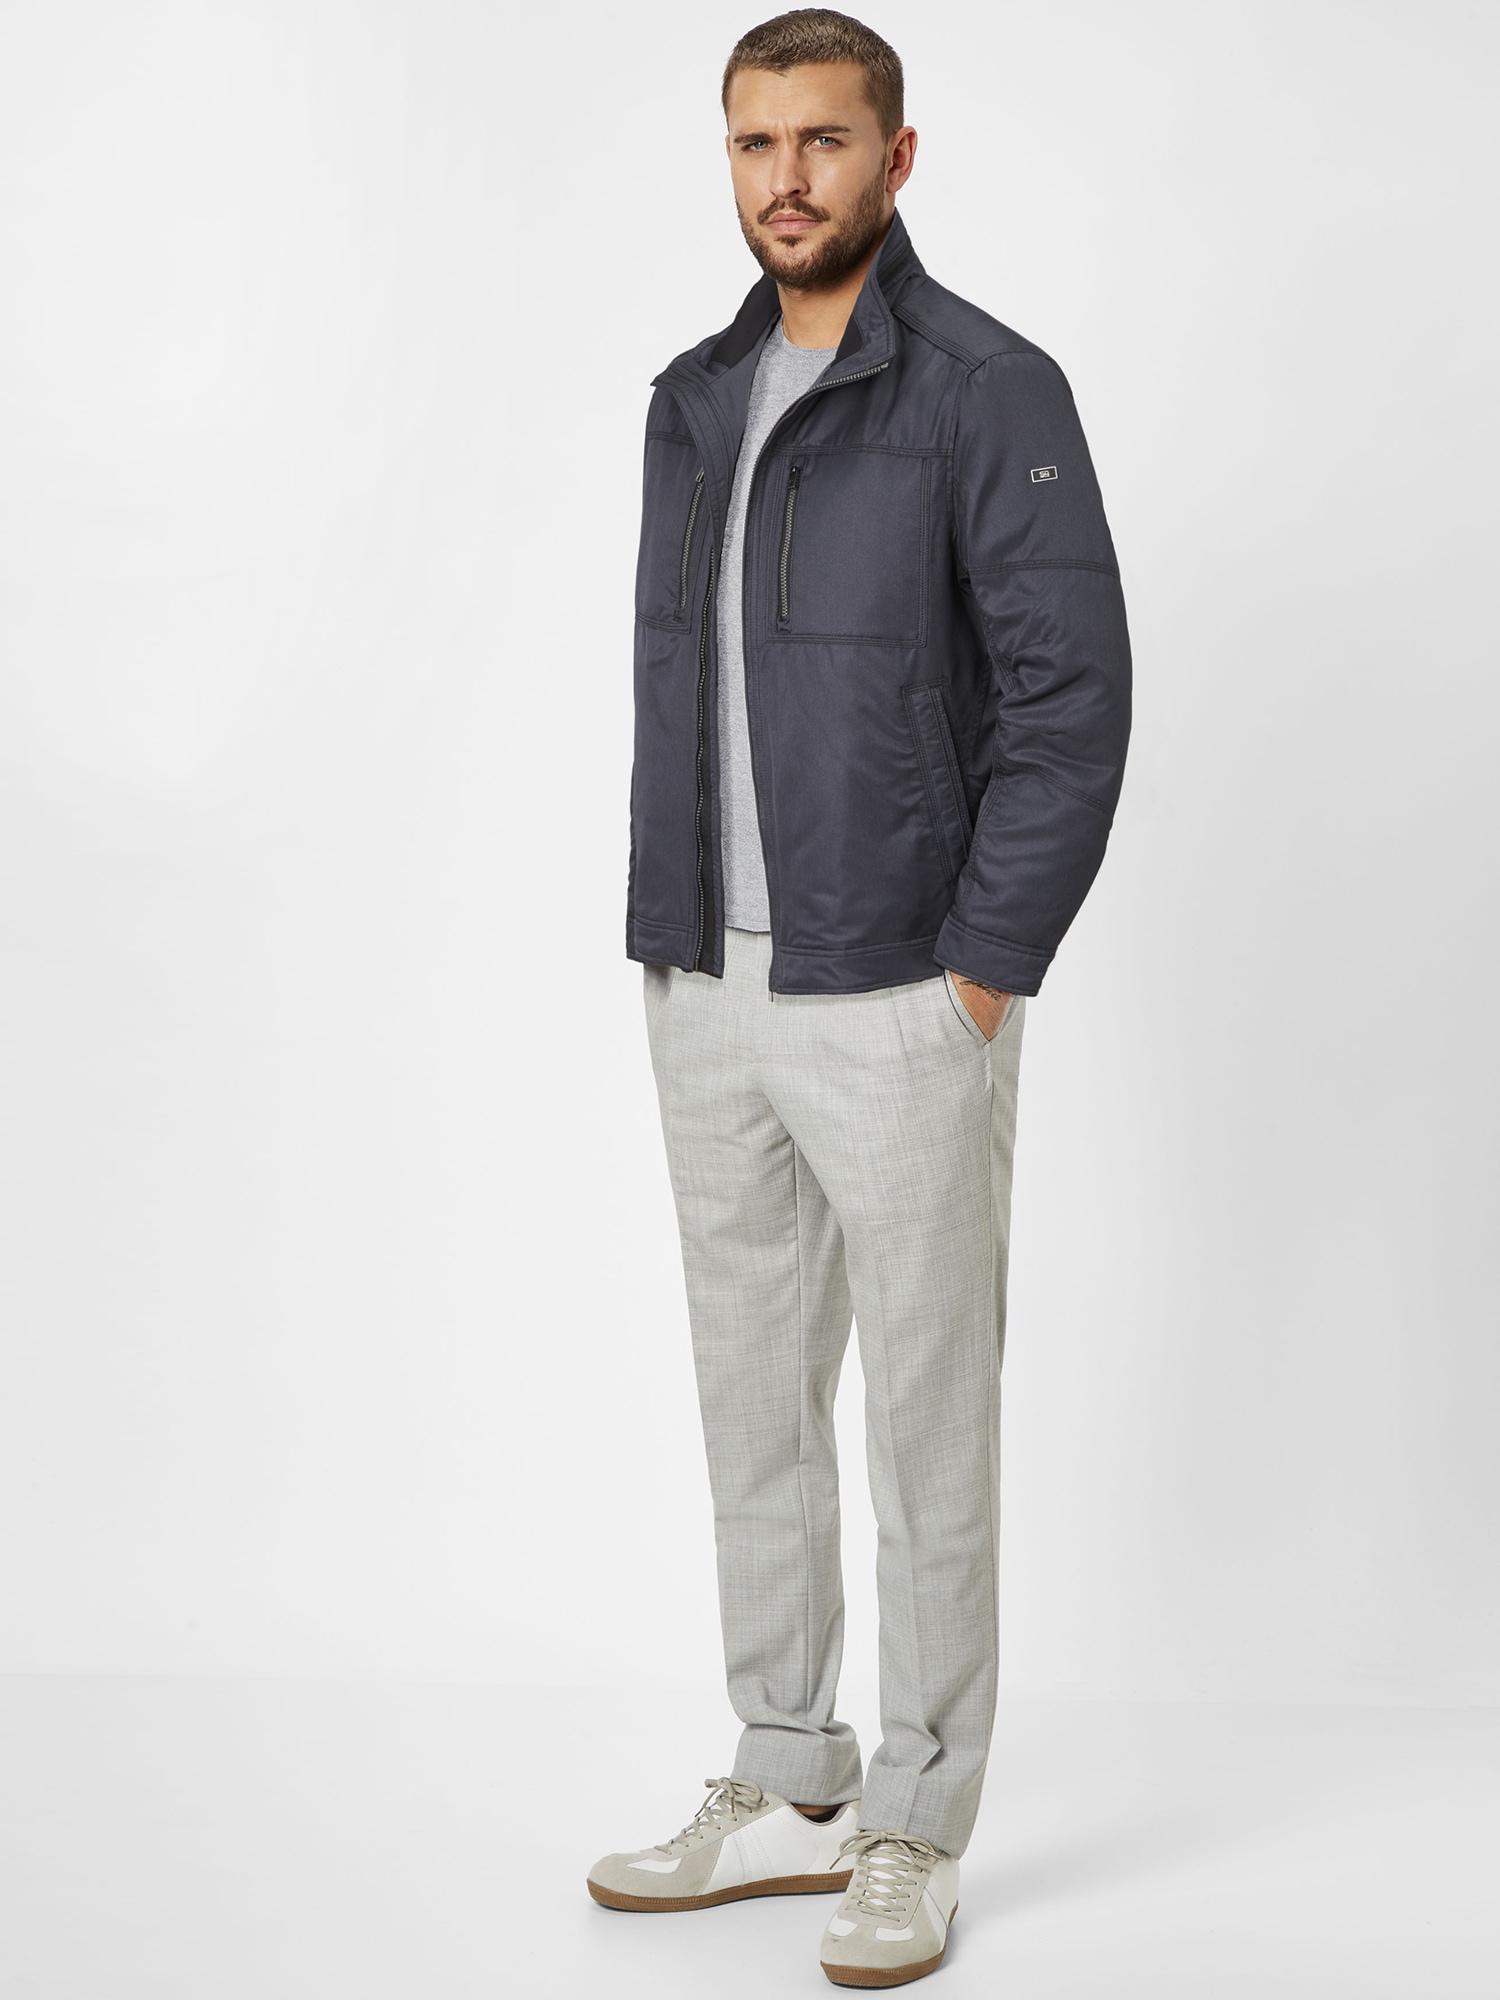 s4 jackets -  Outdoorjacke Challenge, moderne Winterjacke